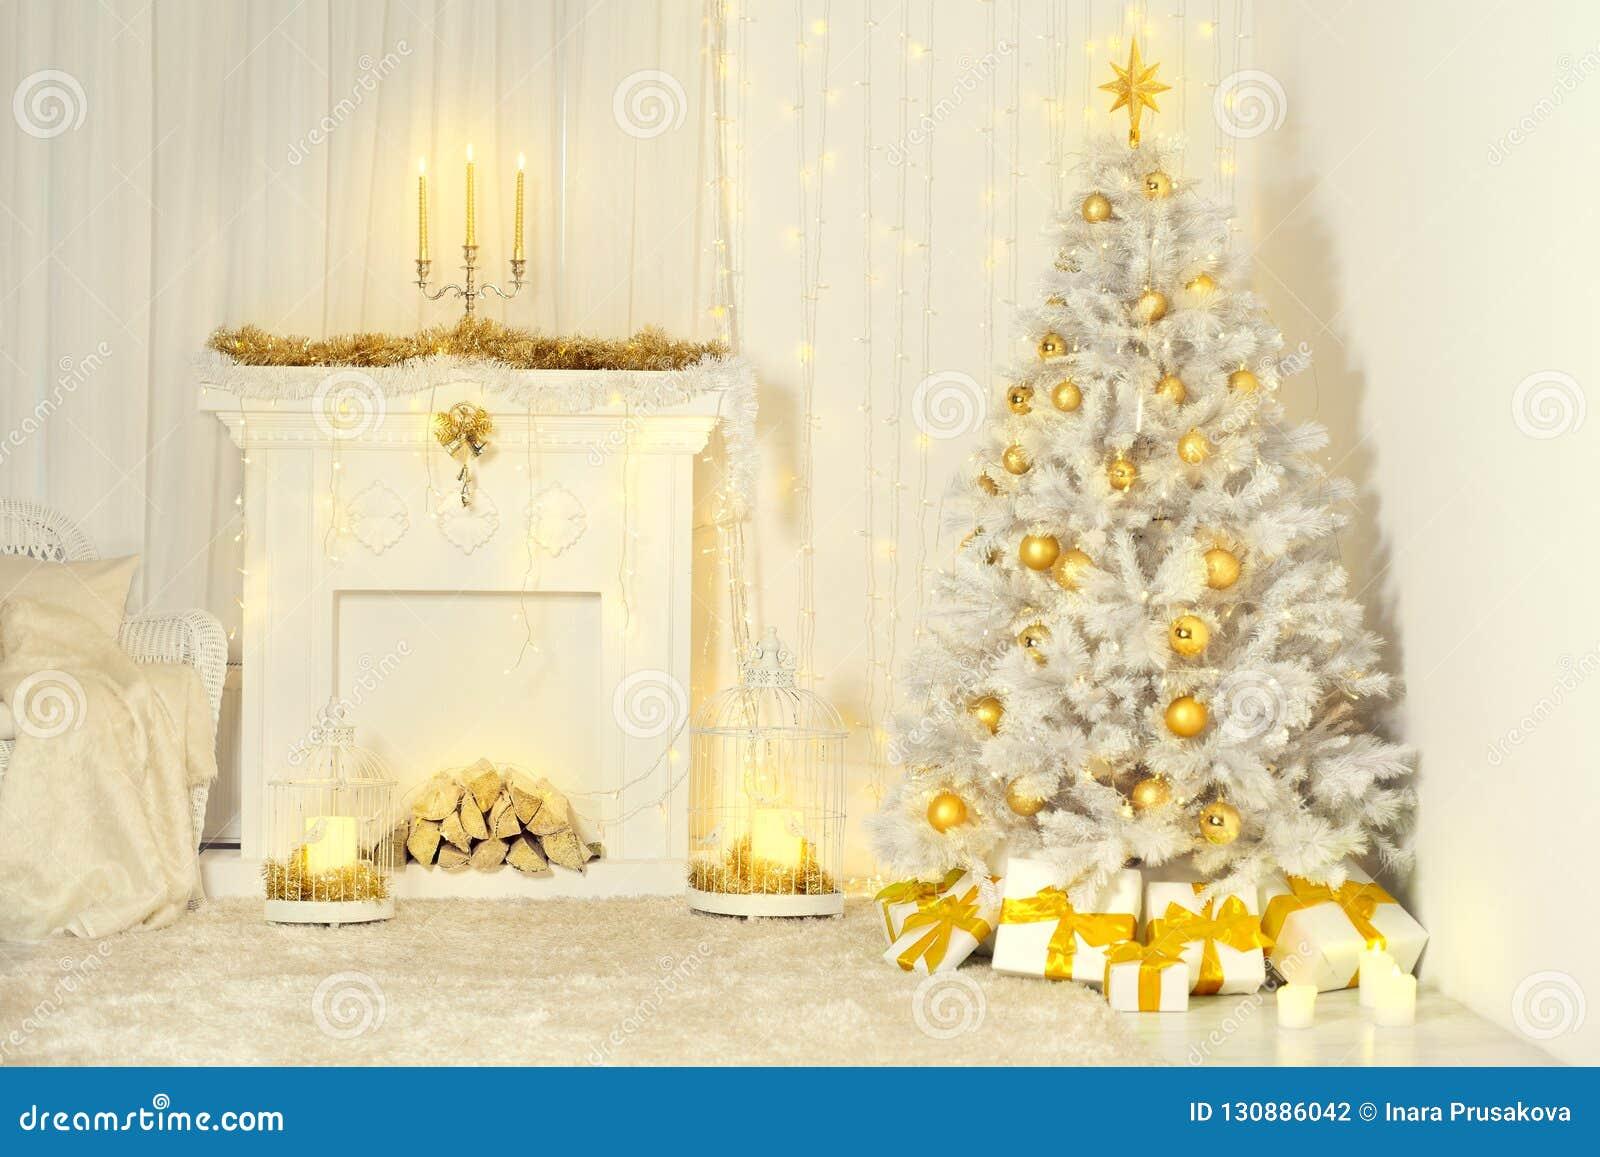 Julgran och spis, guld- färg inre dekorerat rum